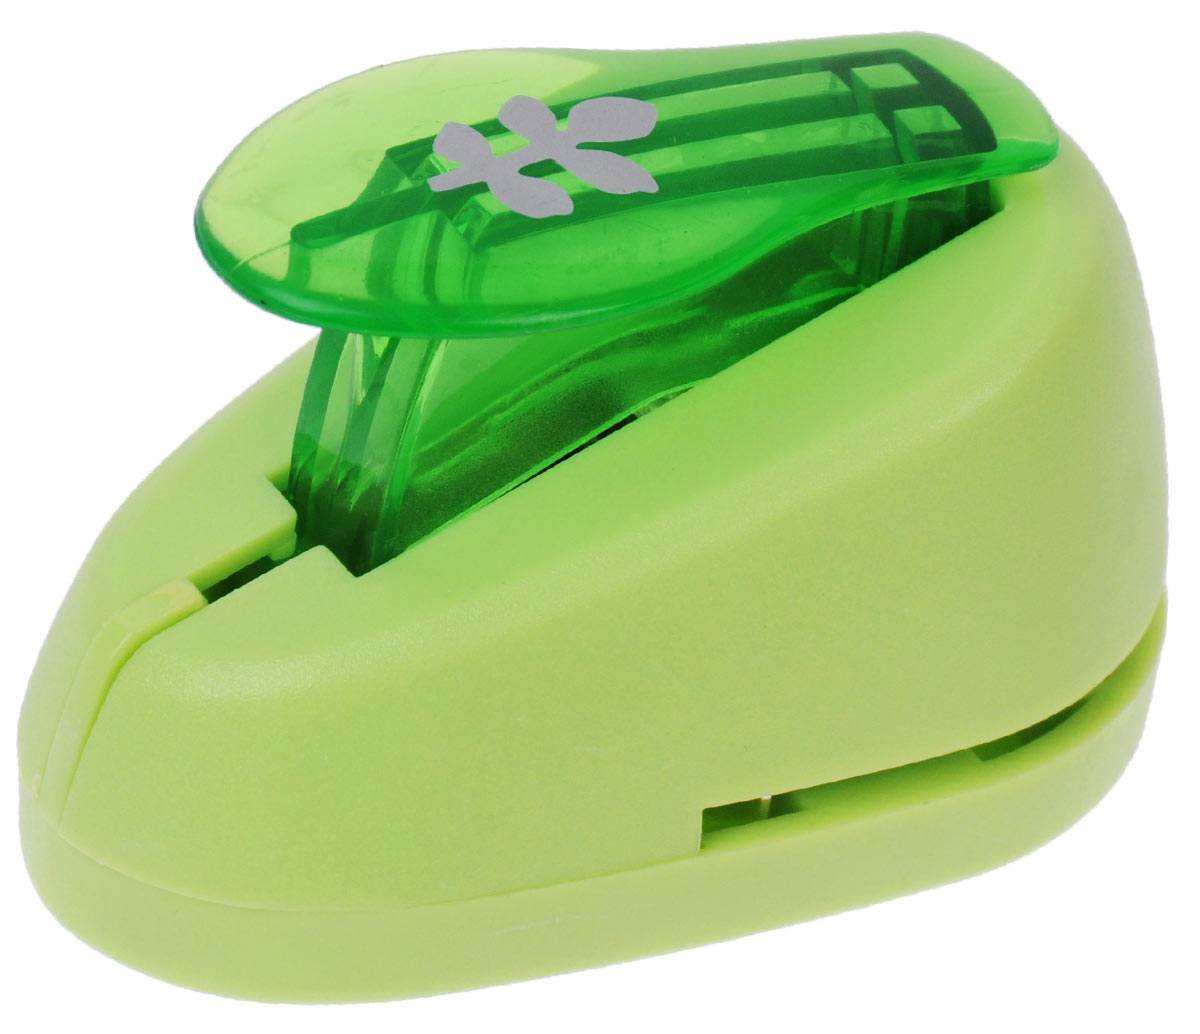 Дырокол фигурный Hobbyboom Веточка, №338, цвет: зеленый, 1,8 смCD-99S-338_зеленыйФигурный дырокол Hobbyboom Веточка изготовлен из пластика и металла, используется в скрапбукинге для создания оригинальных открыток, оформления подарков, в бумажном творчестве и т.д. Рисунок прорези указан на ручке дырокола.Используется для прорезания фигурных отверстий в бумаге. Вырезанный элемент также можно использовать для украшения.Предназначен для бумаги определенной плотности - 80 - 200 г/м2. При применении на бумаге большей плотности или на картоне, дырокол быстро затупится.